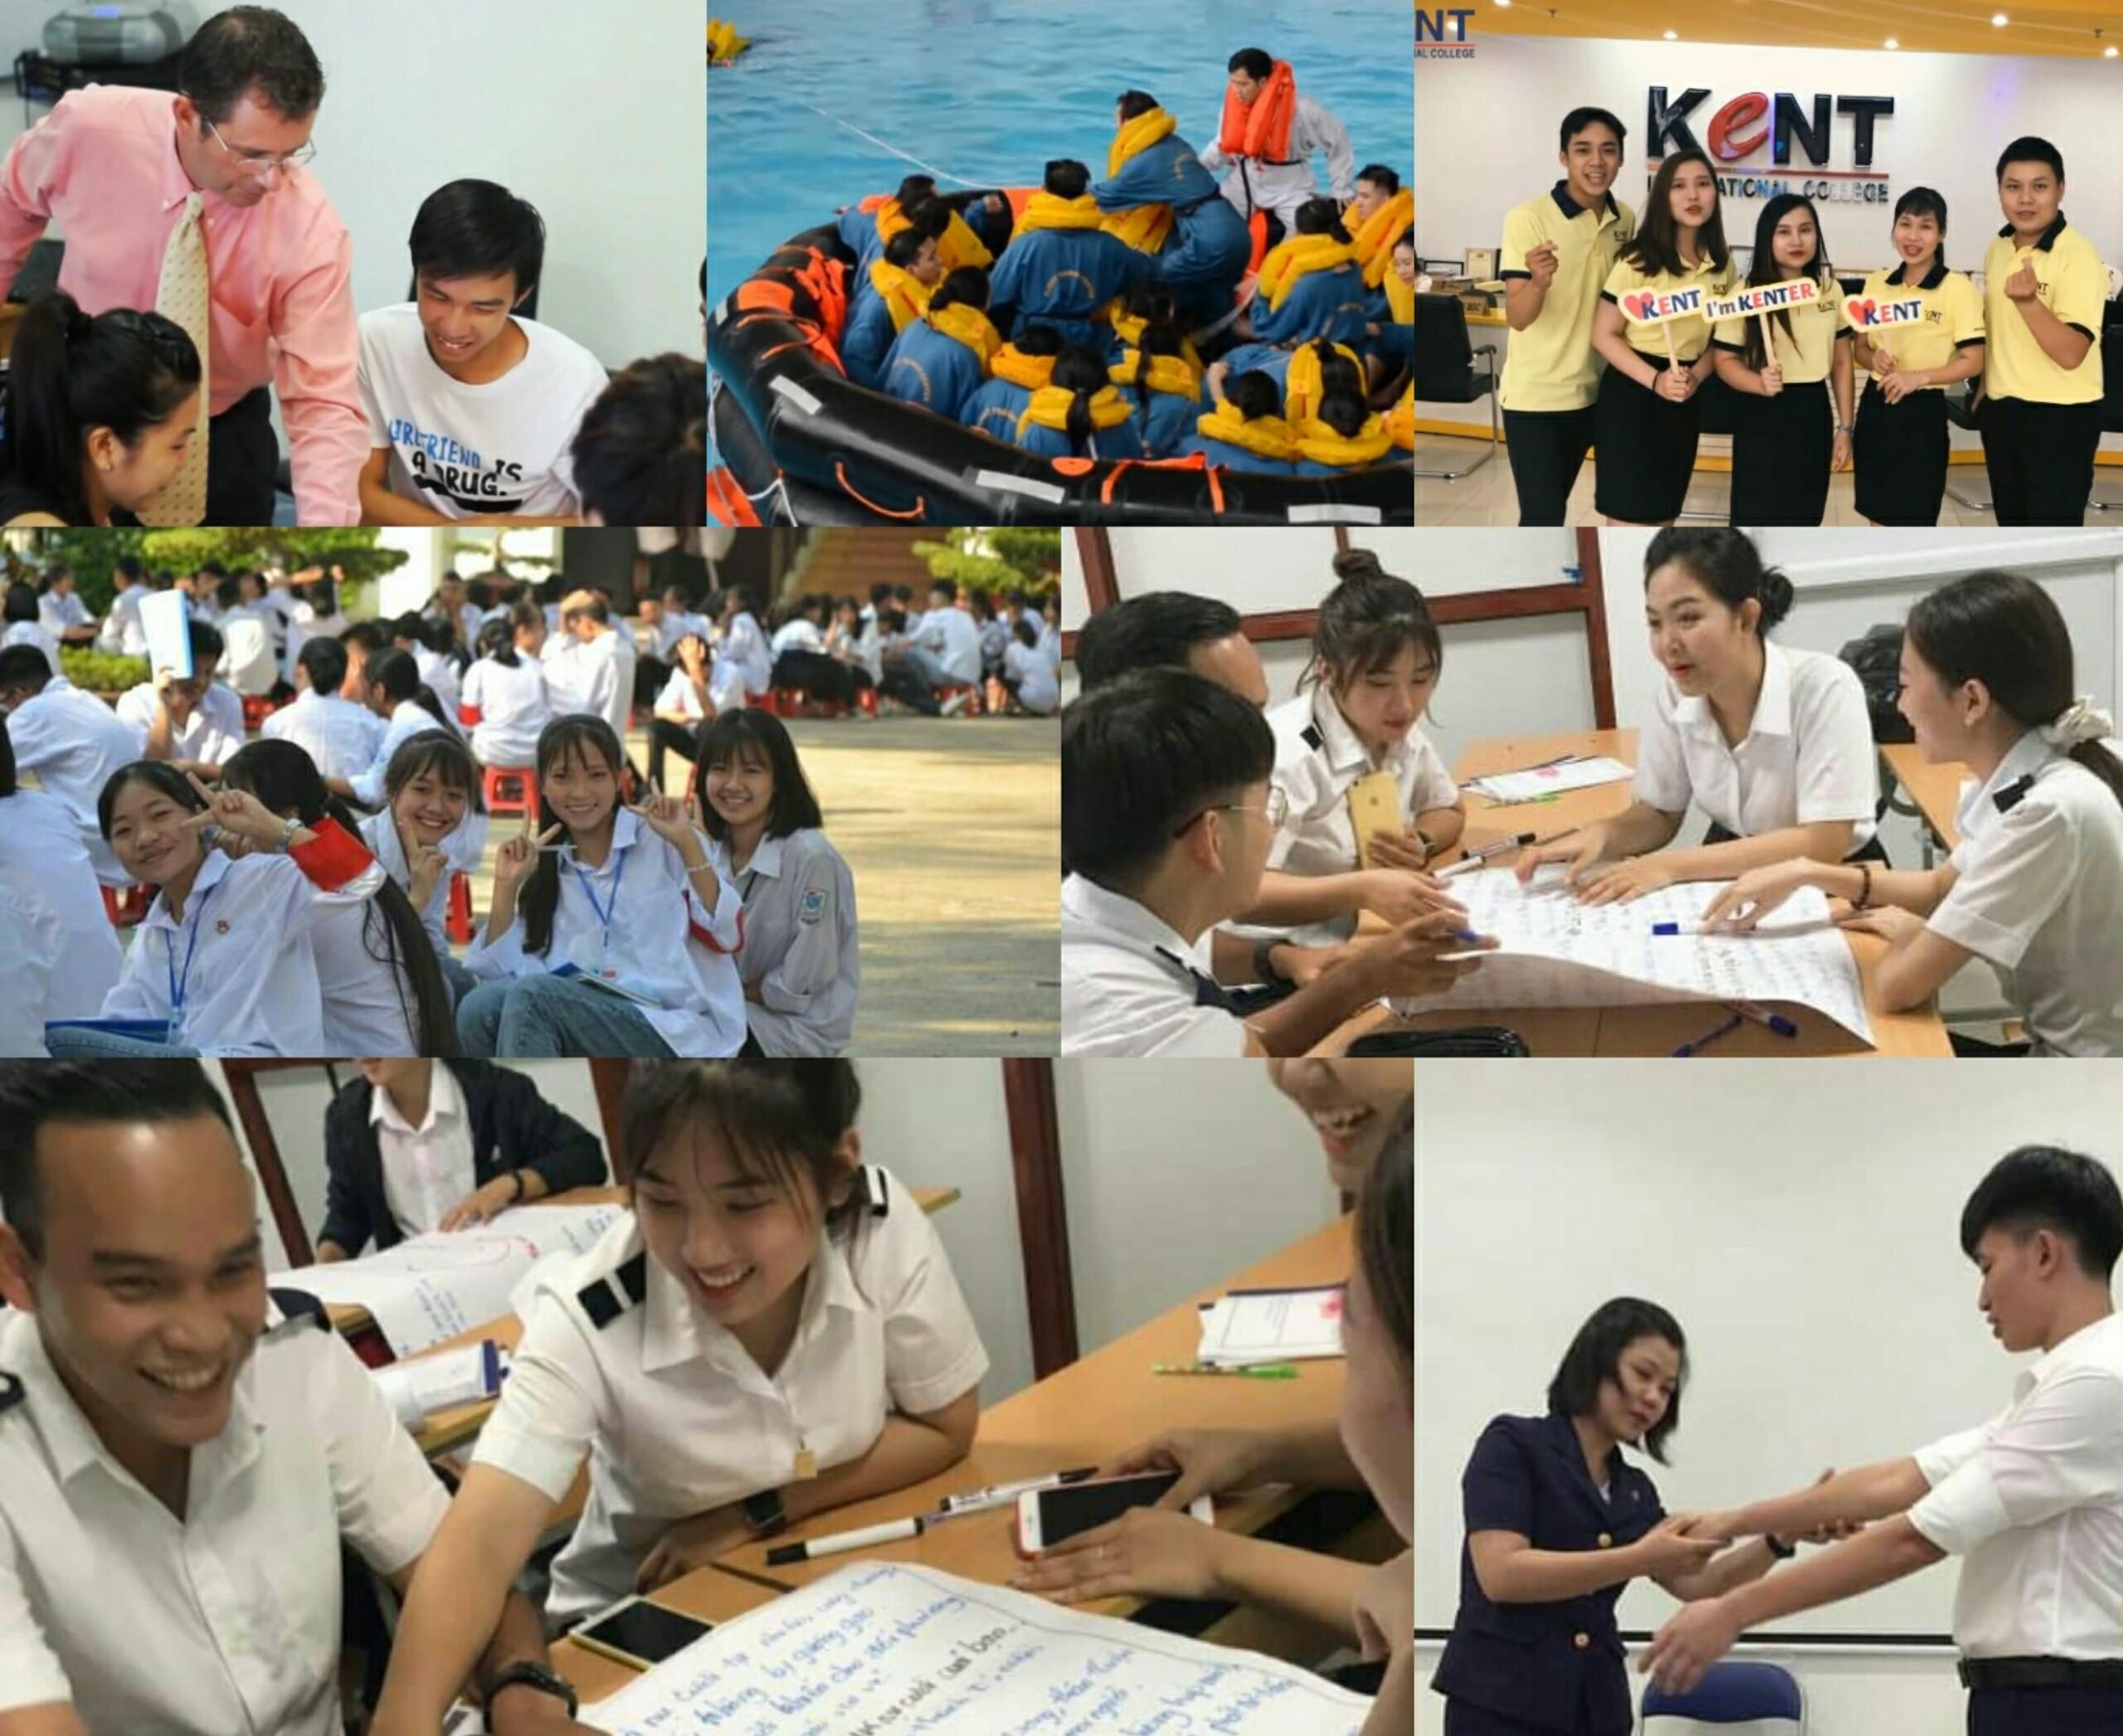 TVnas - Kent, thế mạnh của các khóa đào tạo trong chương trình liên kết cung ứng nhân lực ngành hàng không